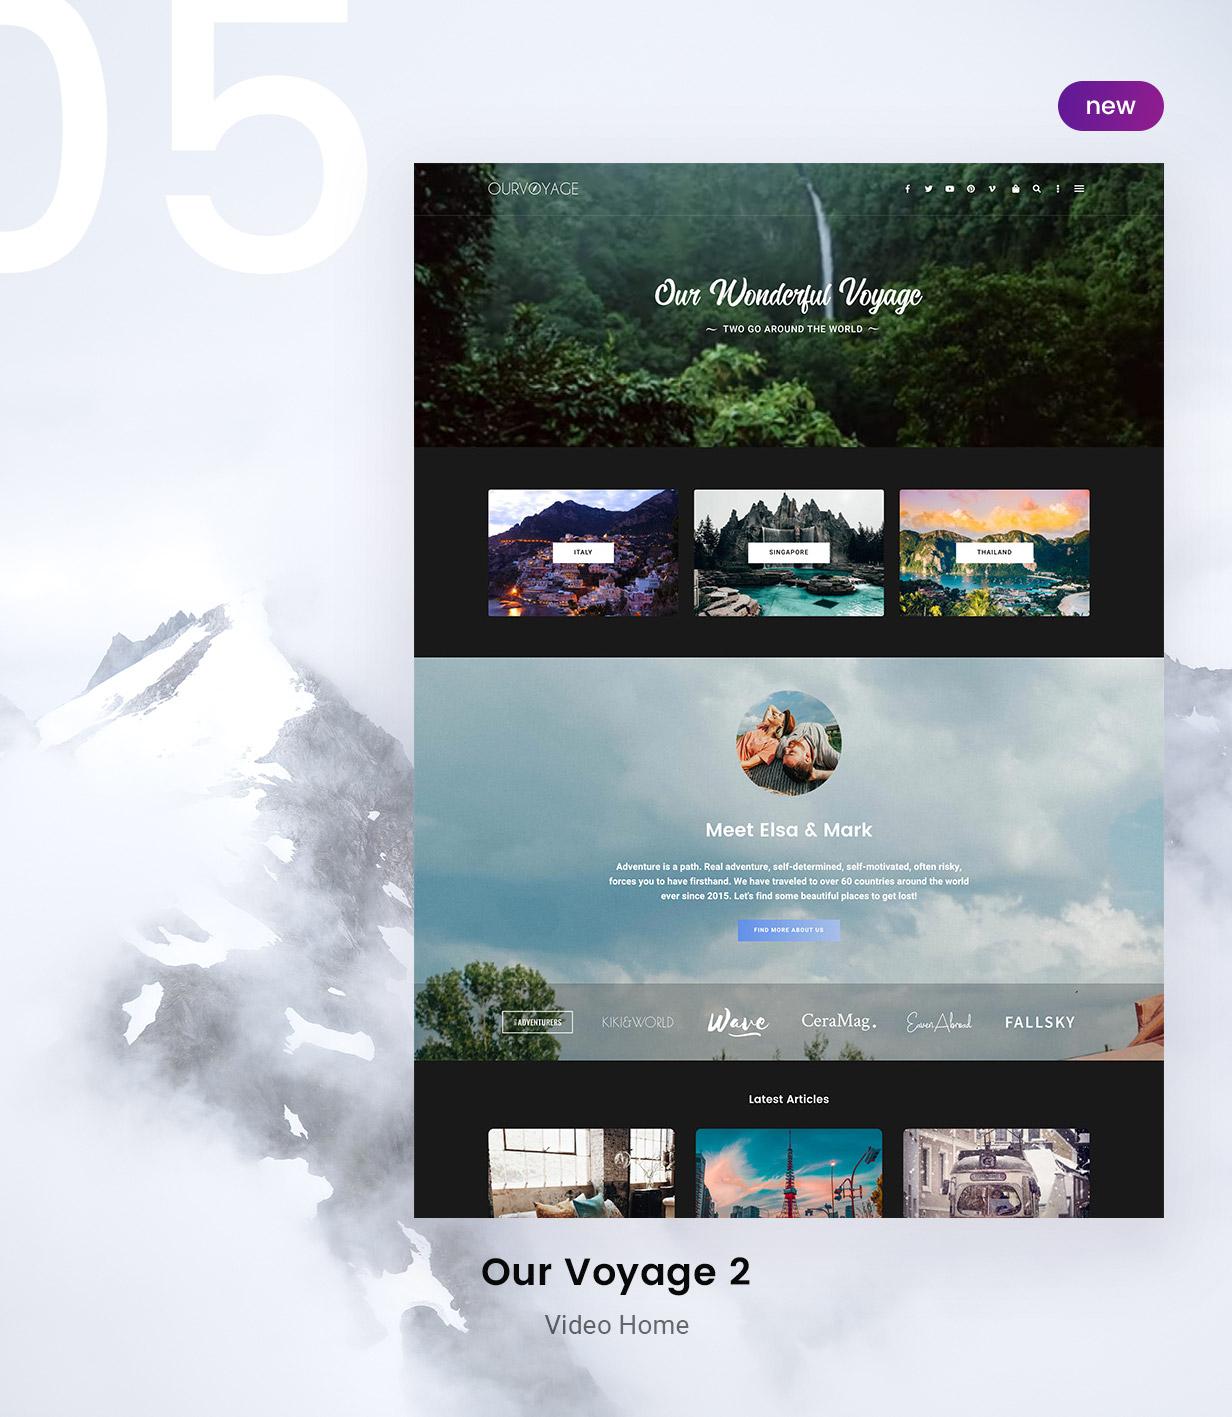 Demo - Our Voyage 2